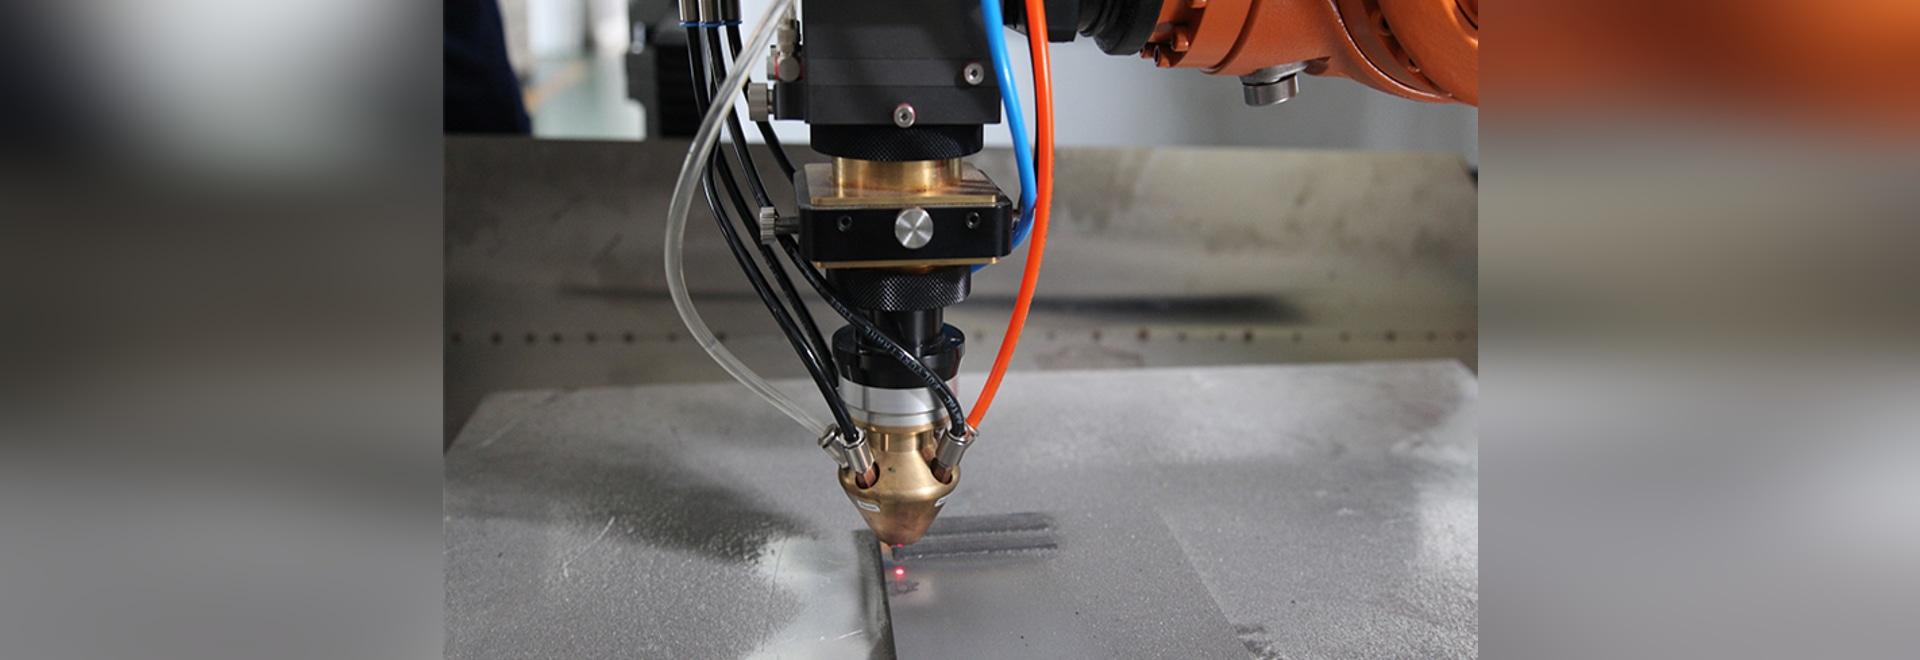 En la fábrica principal del motor en el equipo de soldadura de laser de HANS GS